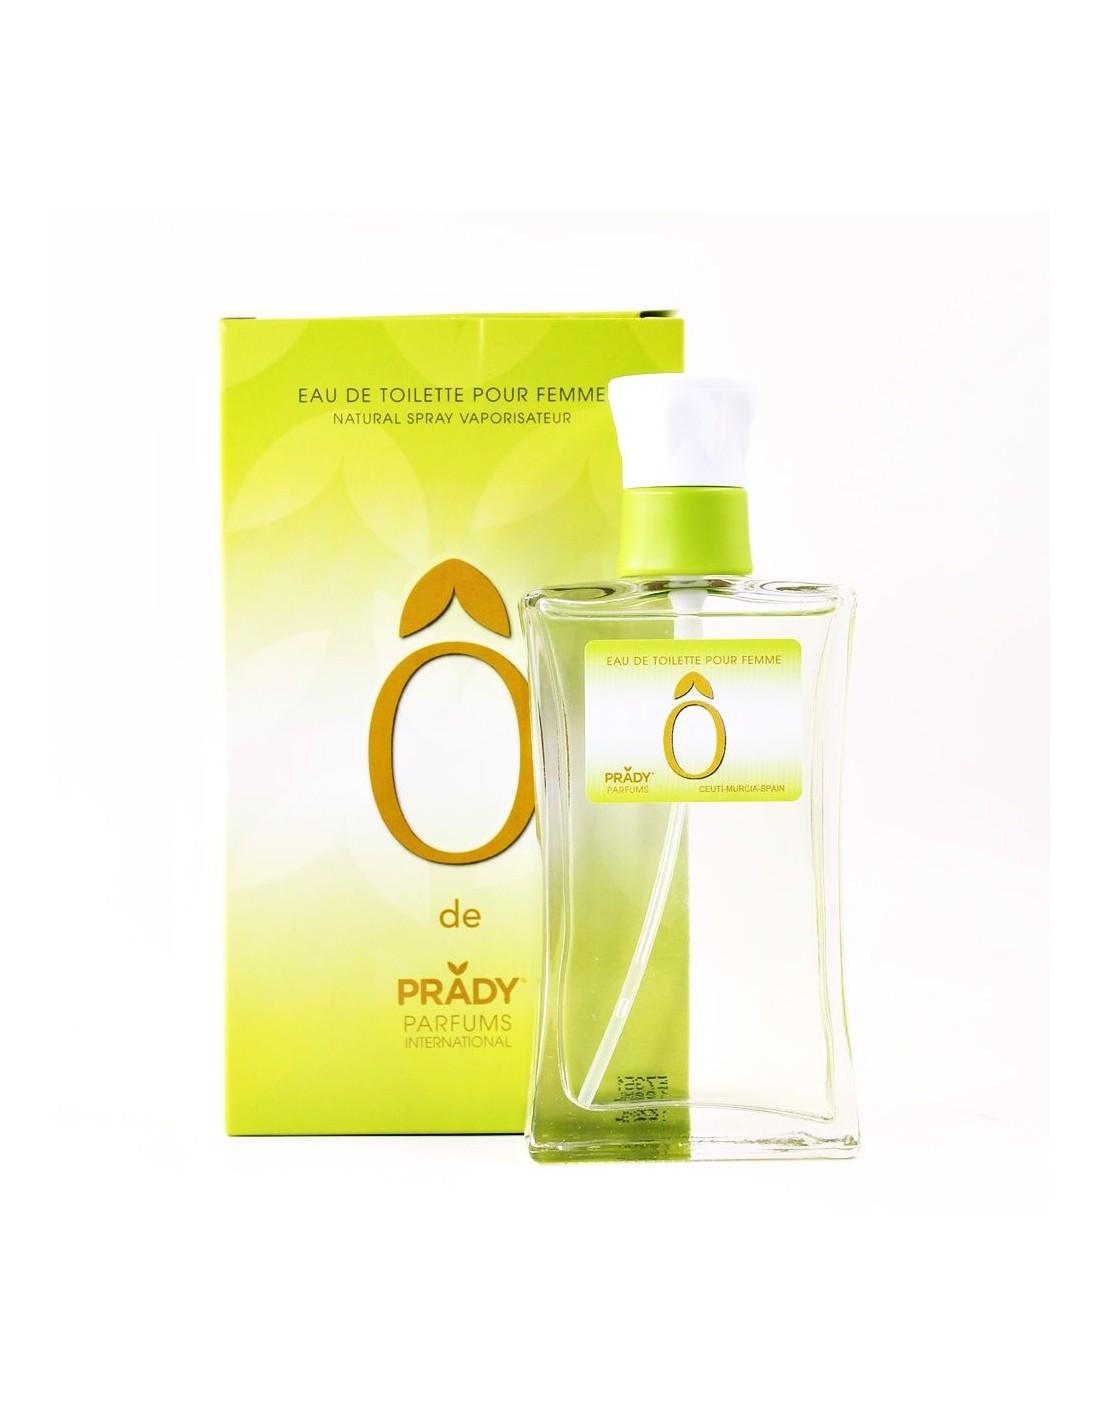 Parfum generique parfum prady femme O